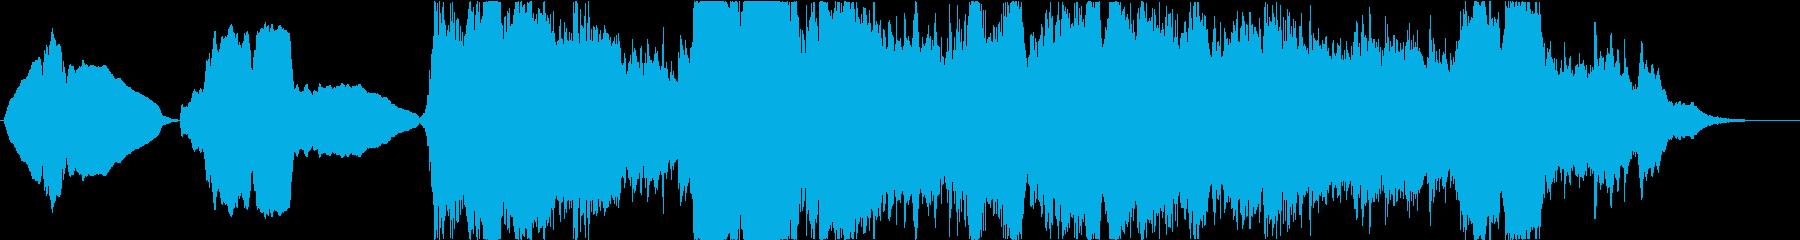 落ち着いた、優しい、サウンドトラッ...の再生済みの波形